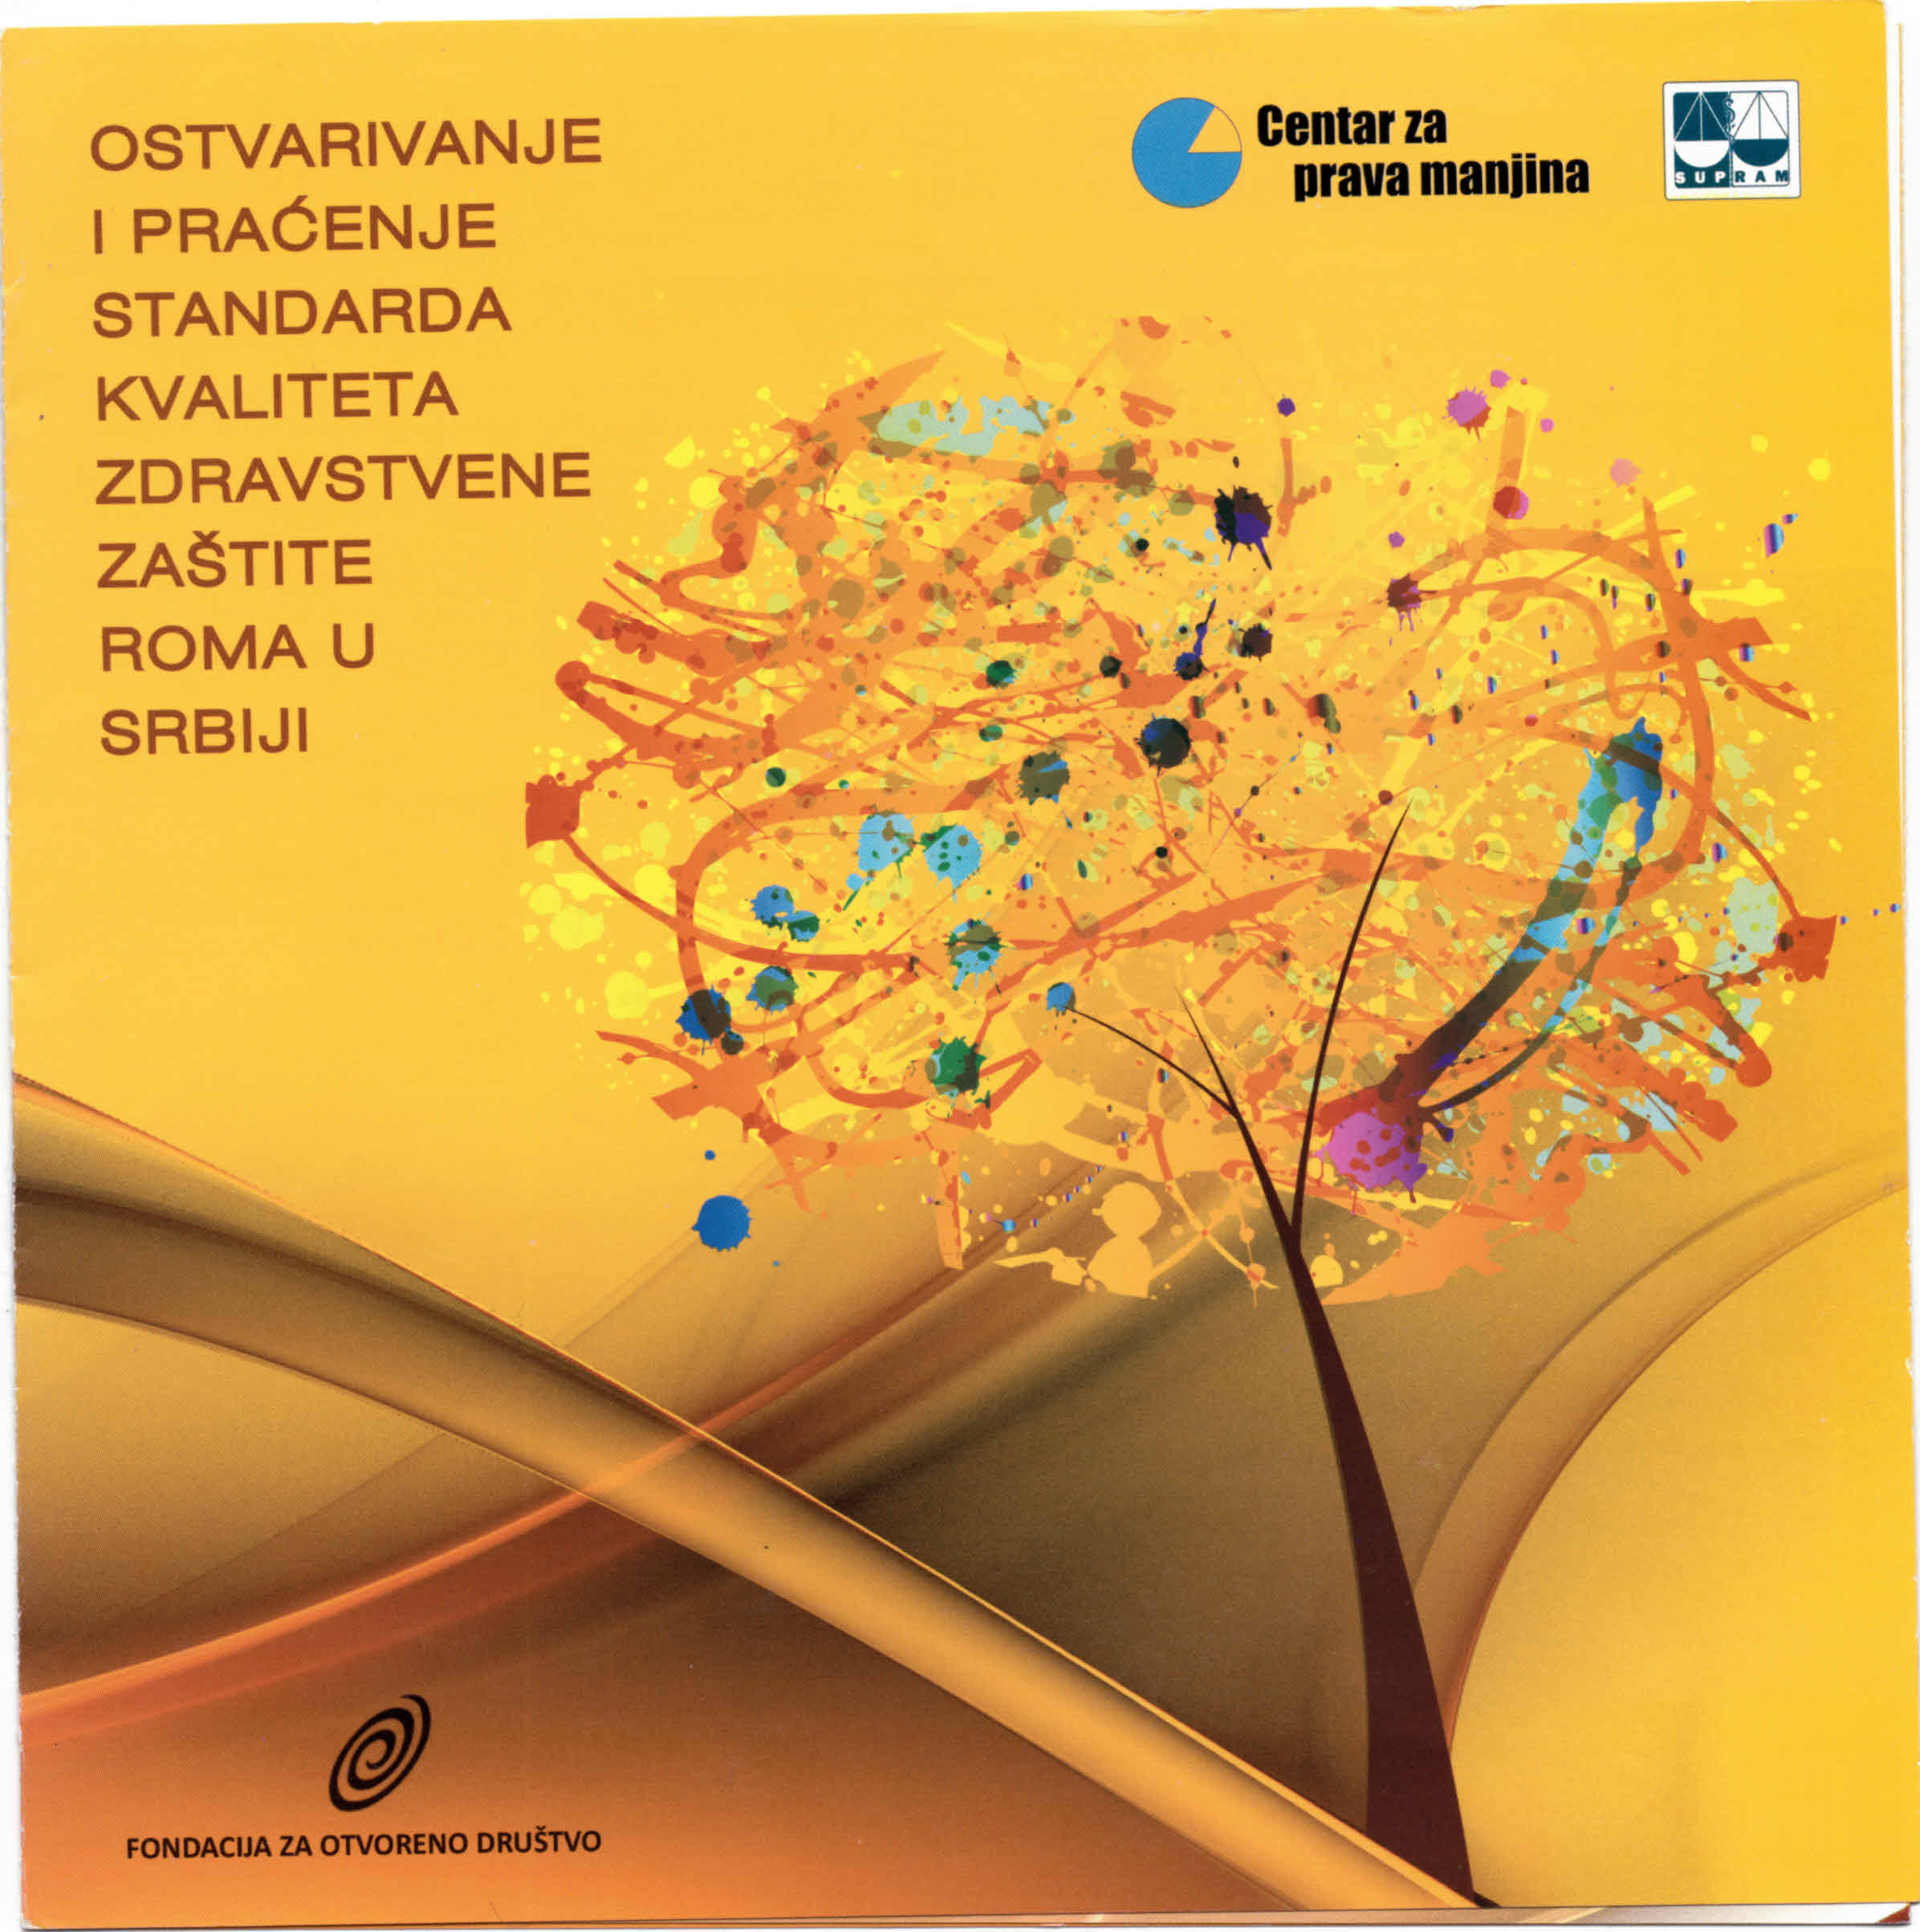 Ostvarivanje i praćenje standarda kvaliteta zdravstvene zaštite Roma u Srbiji